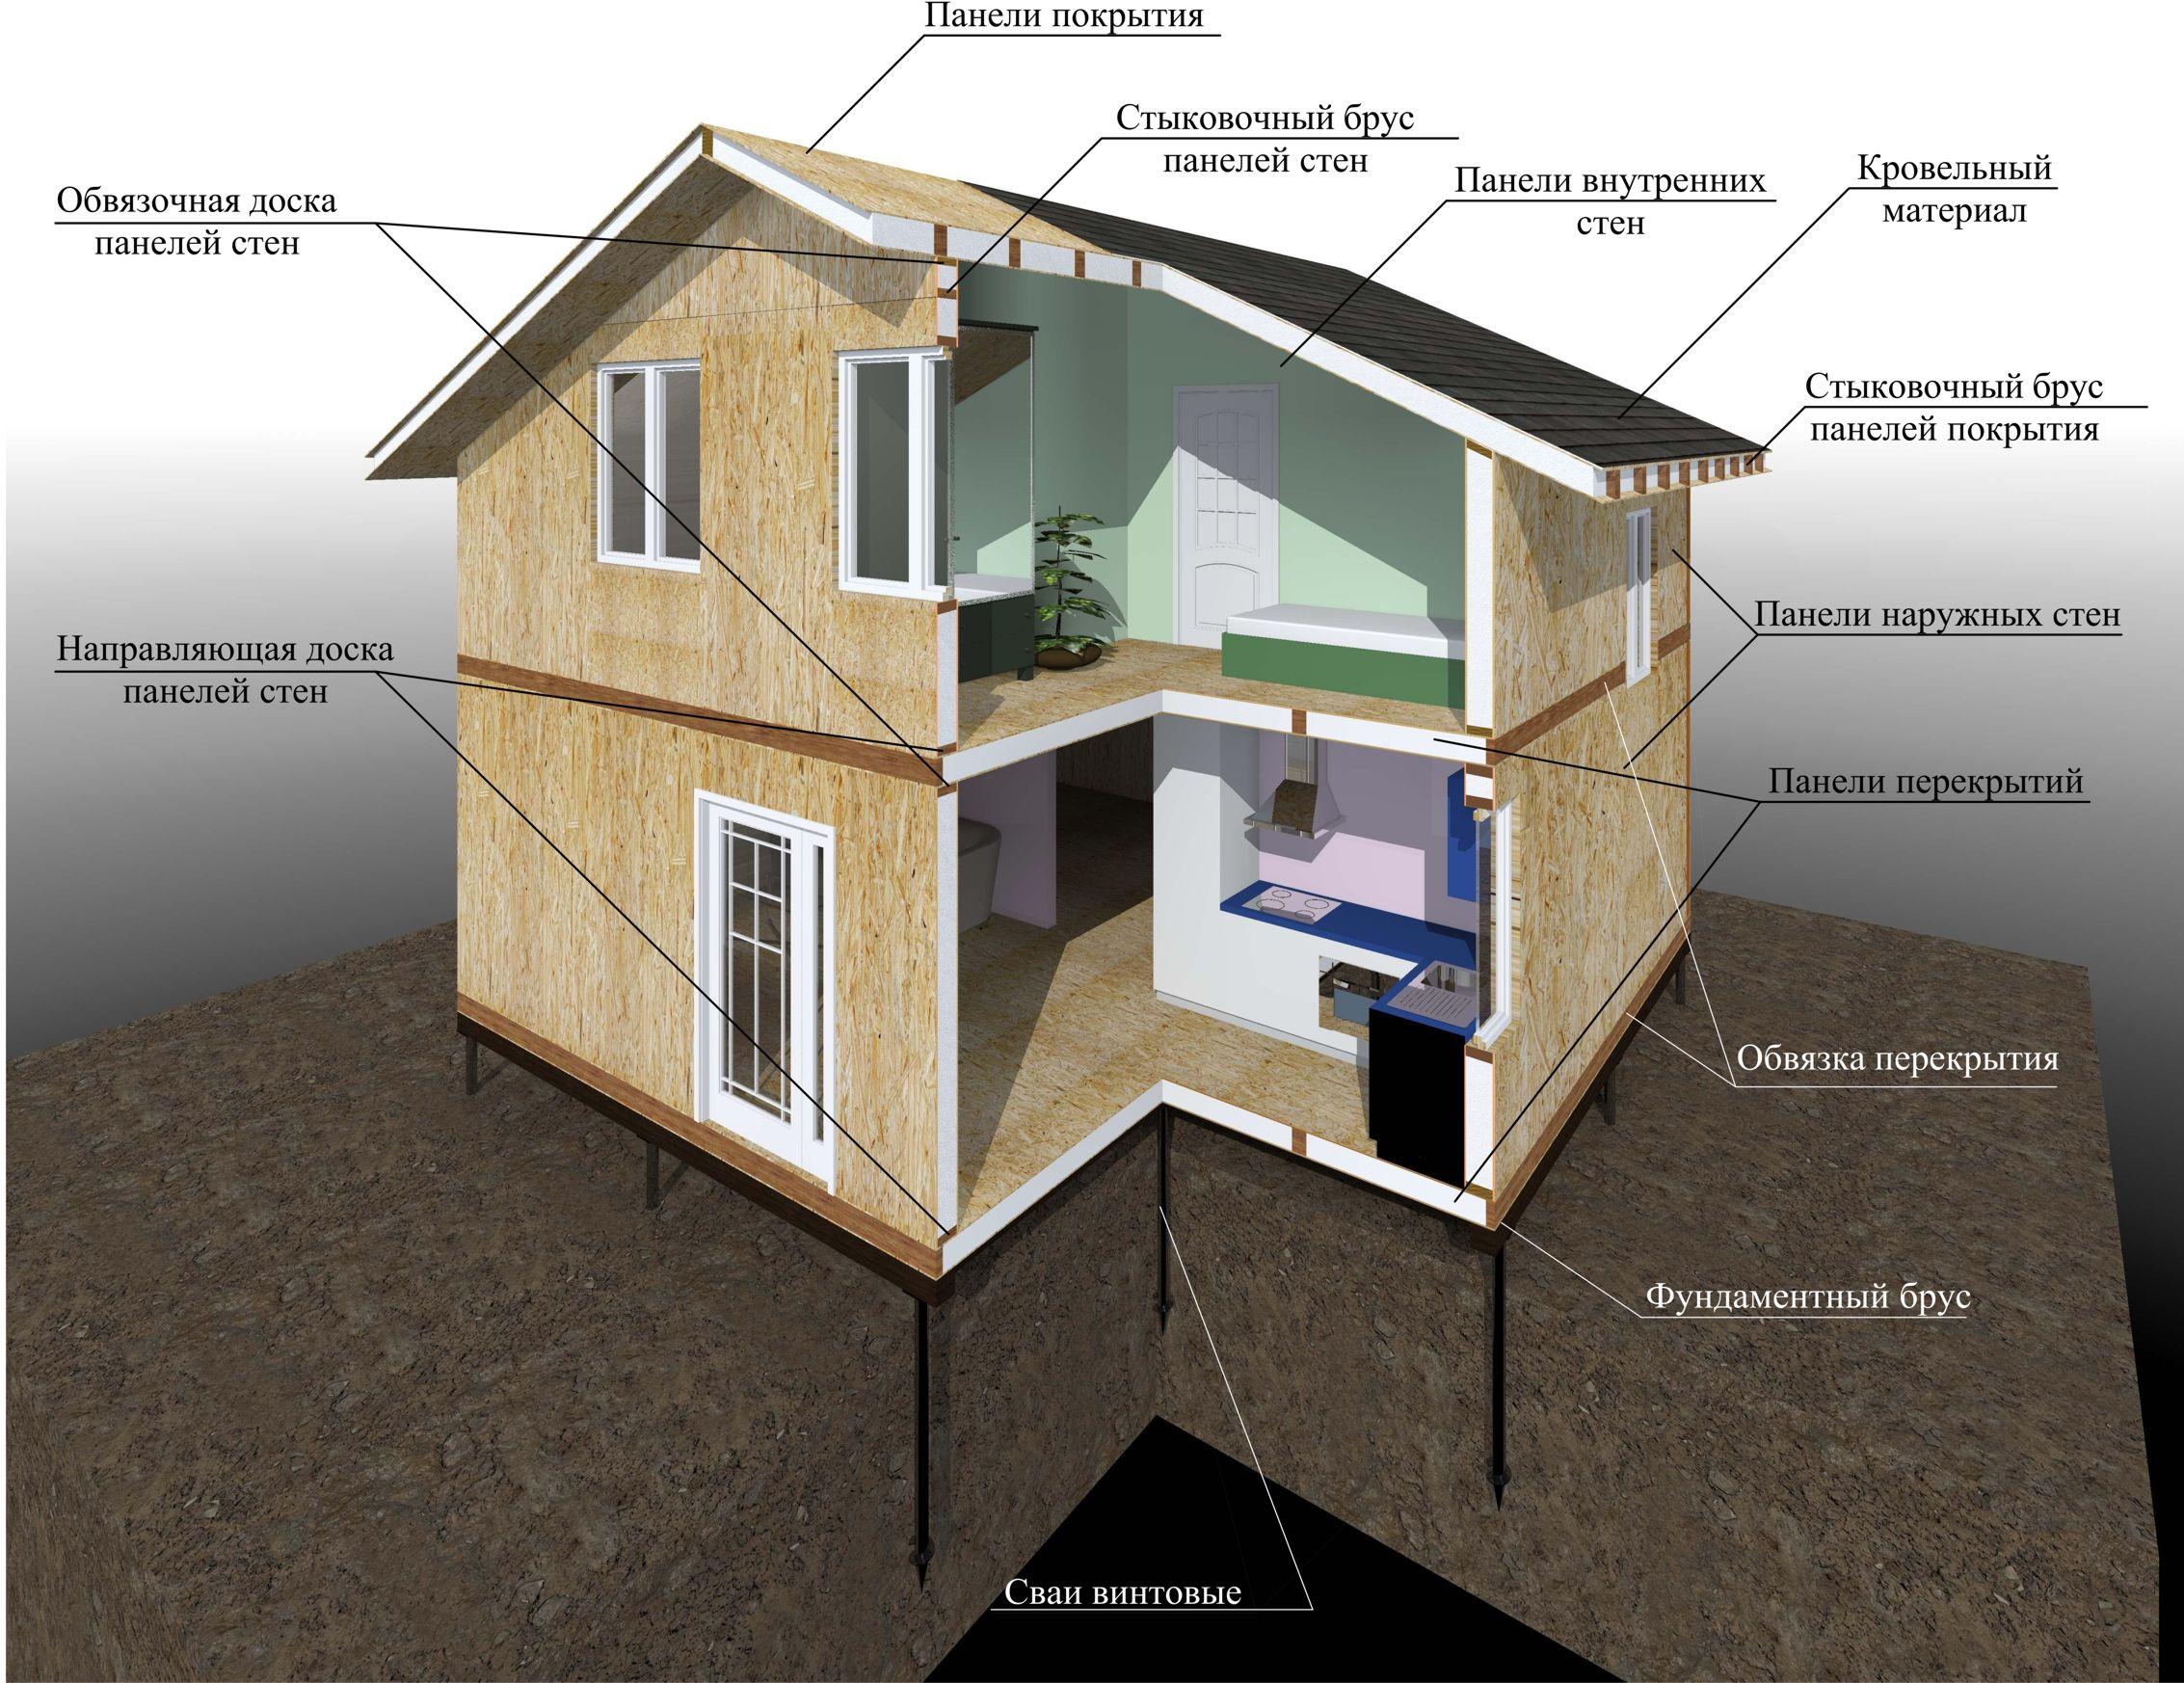 Дома с цокольным этажом и мансардой фото угрозы